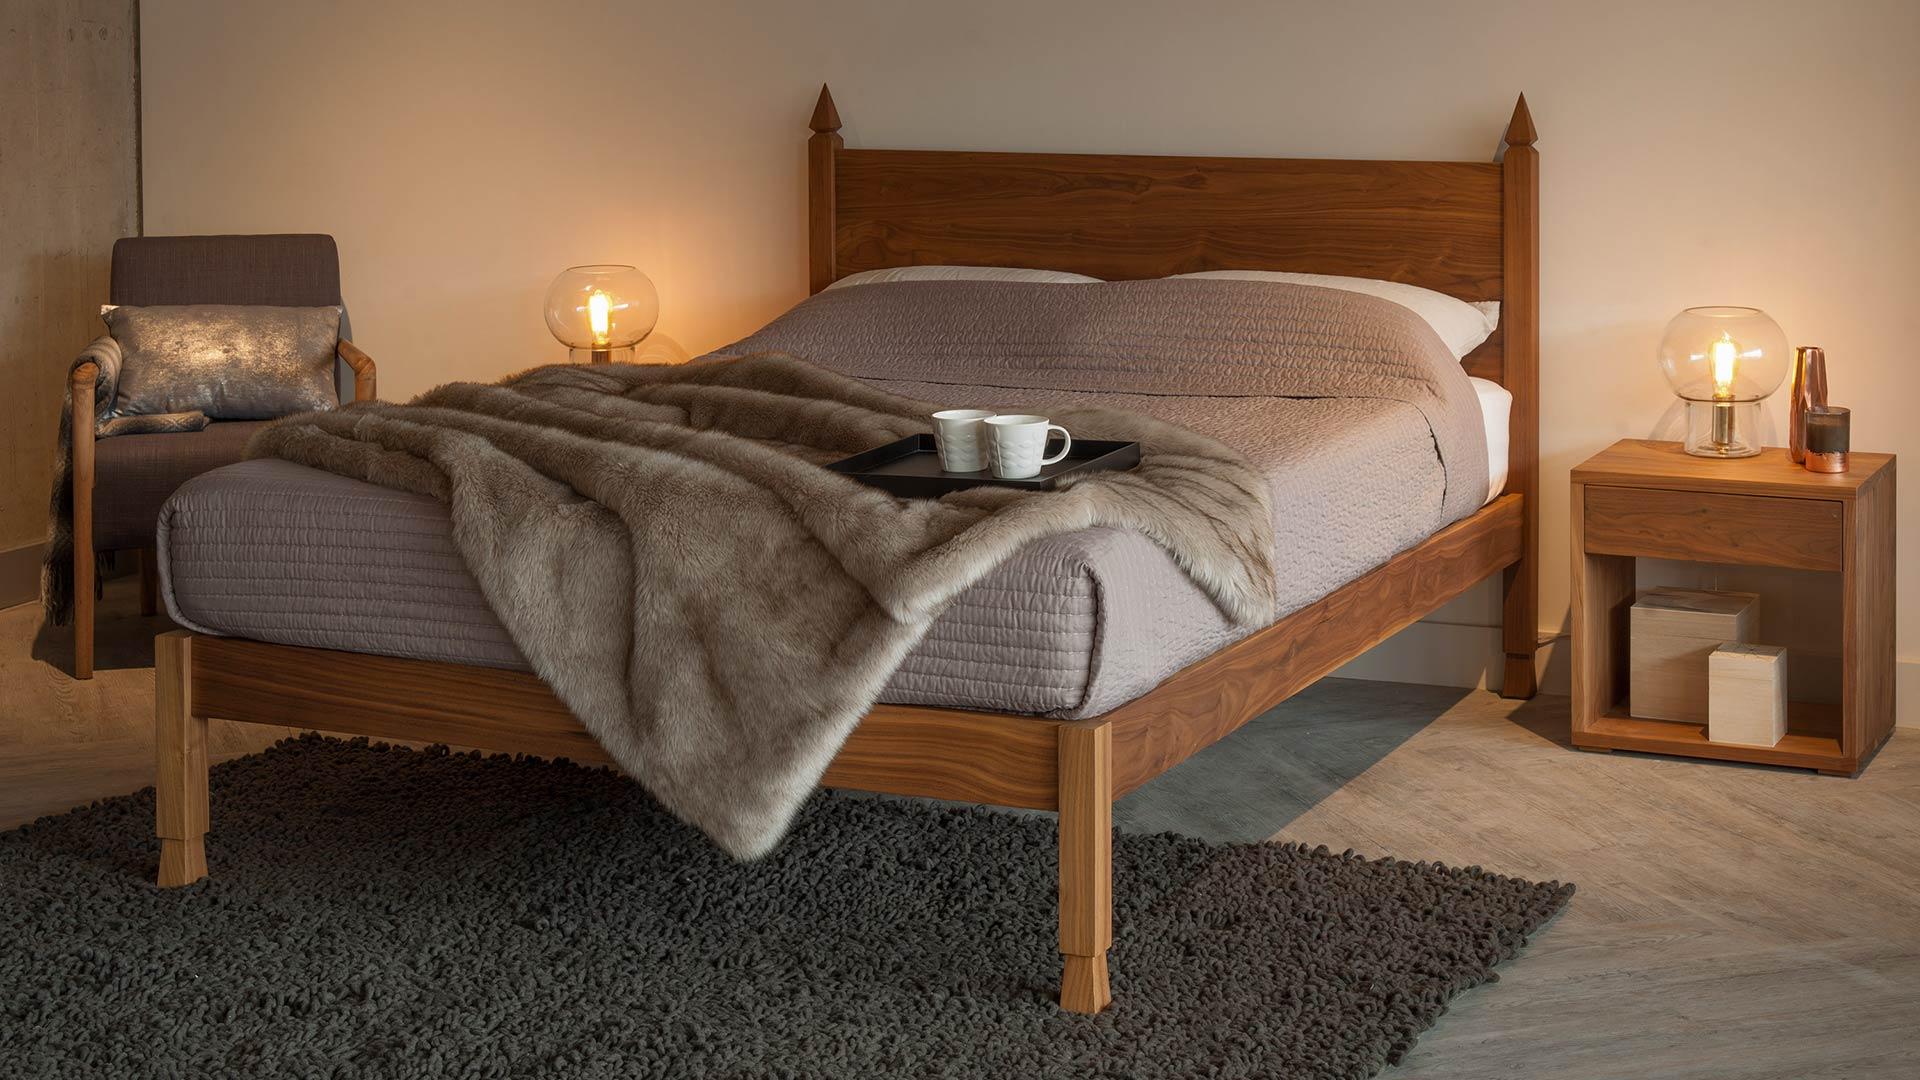 Sale-walnut-Samarkand-Indian-bed-3q